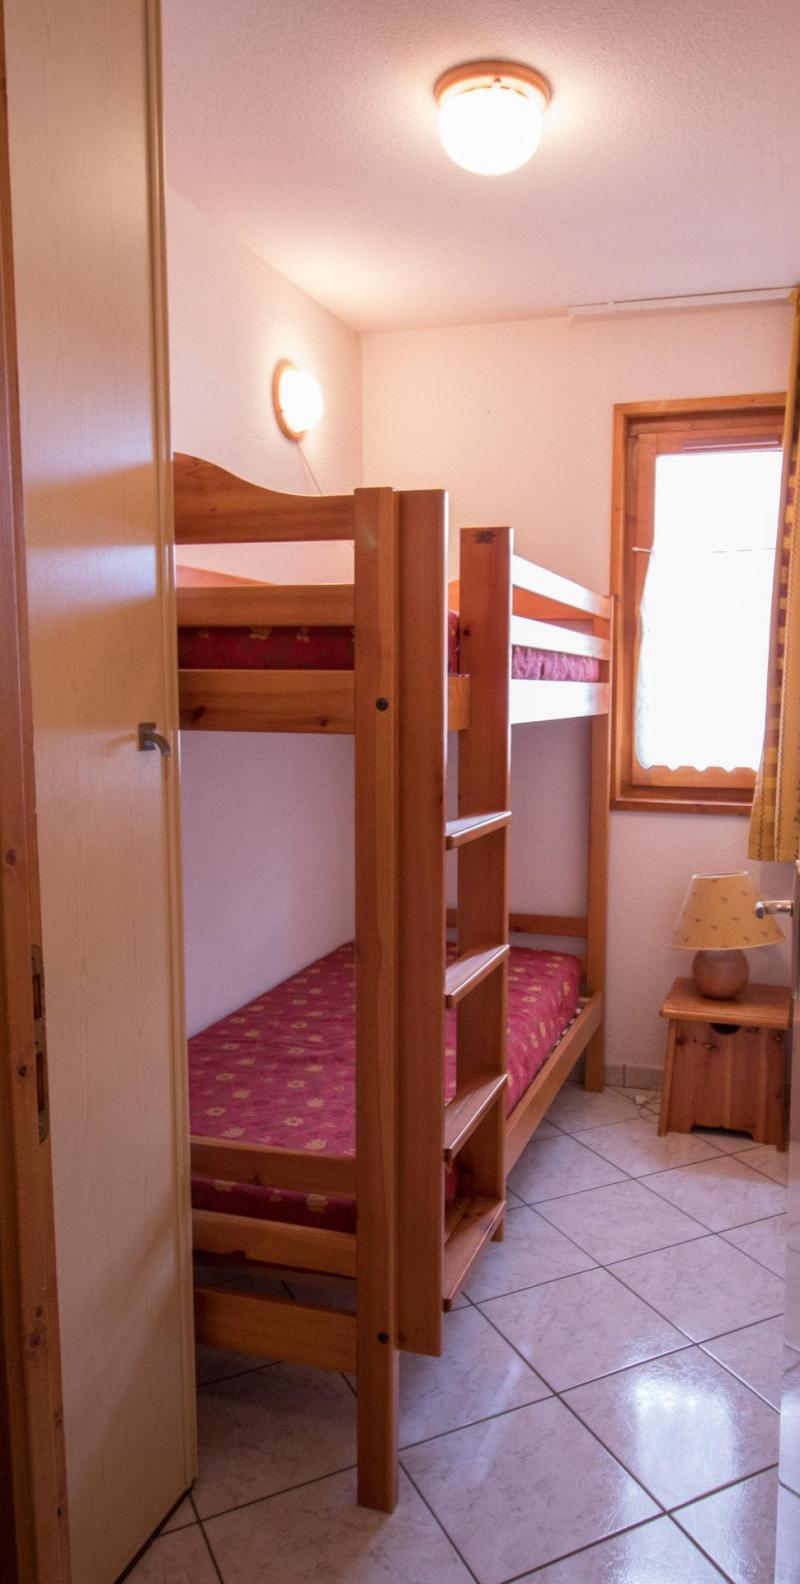 Location au ski Appartement 3 pièces 6 personnes (301M) - Résidence la Combe II - Aussois - Chambre